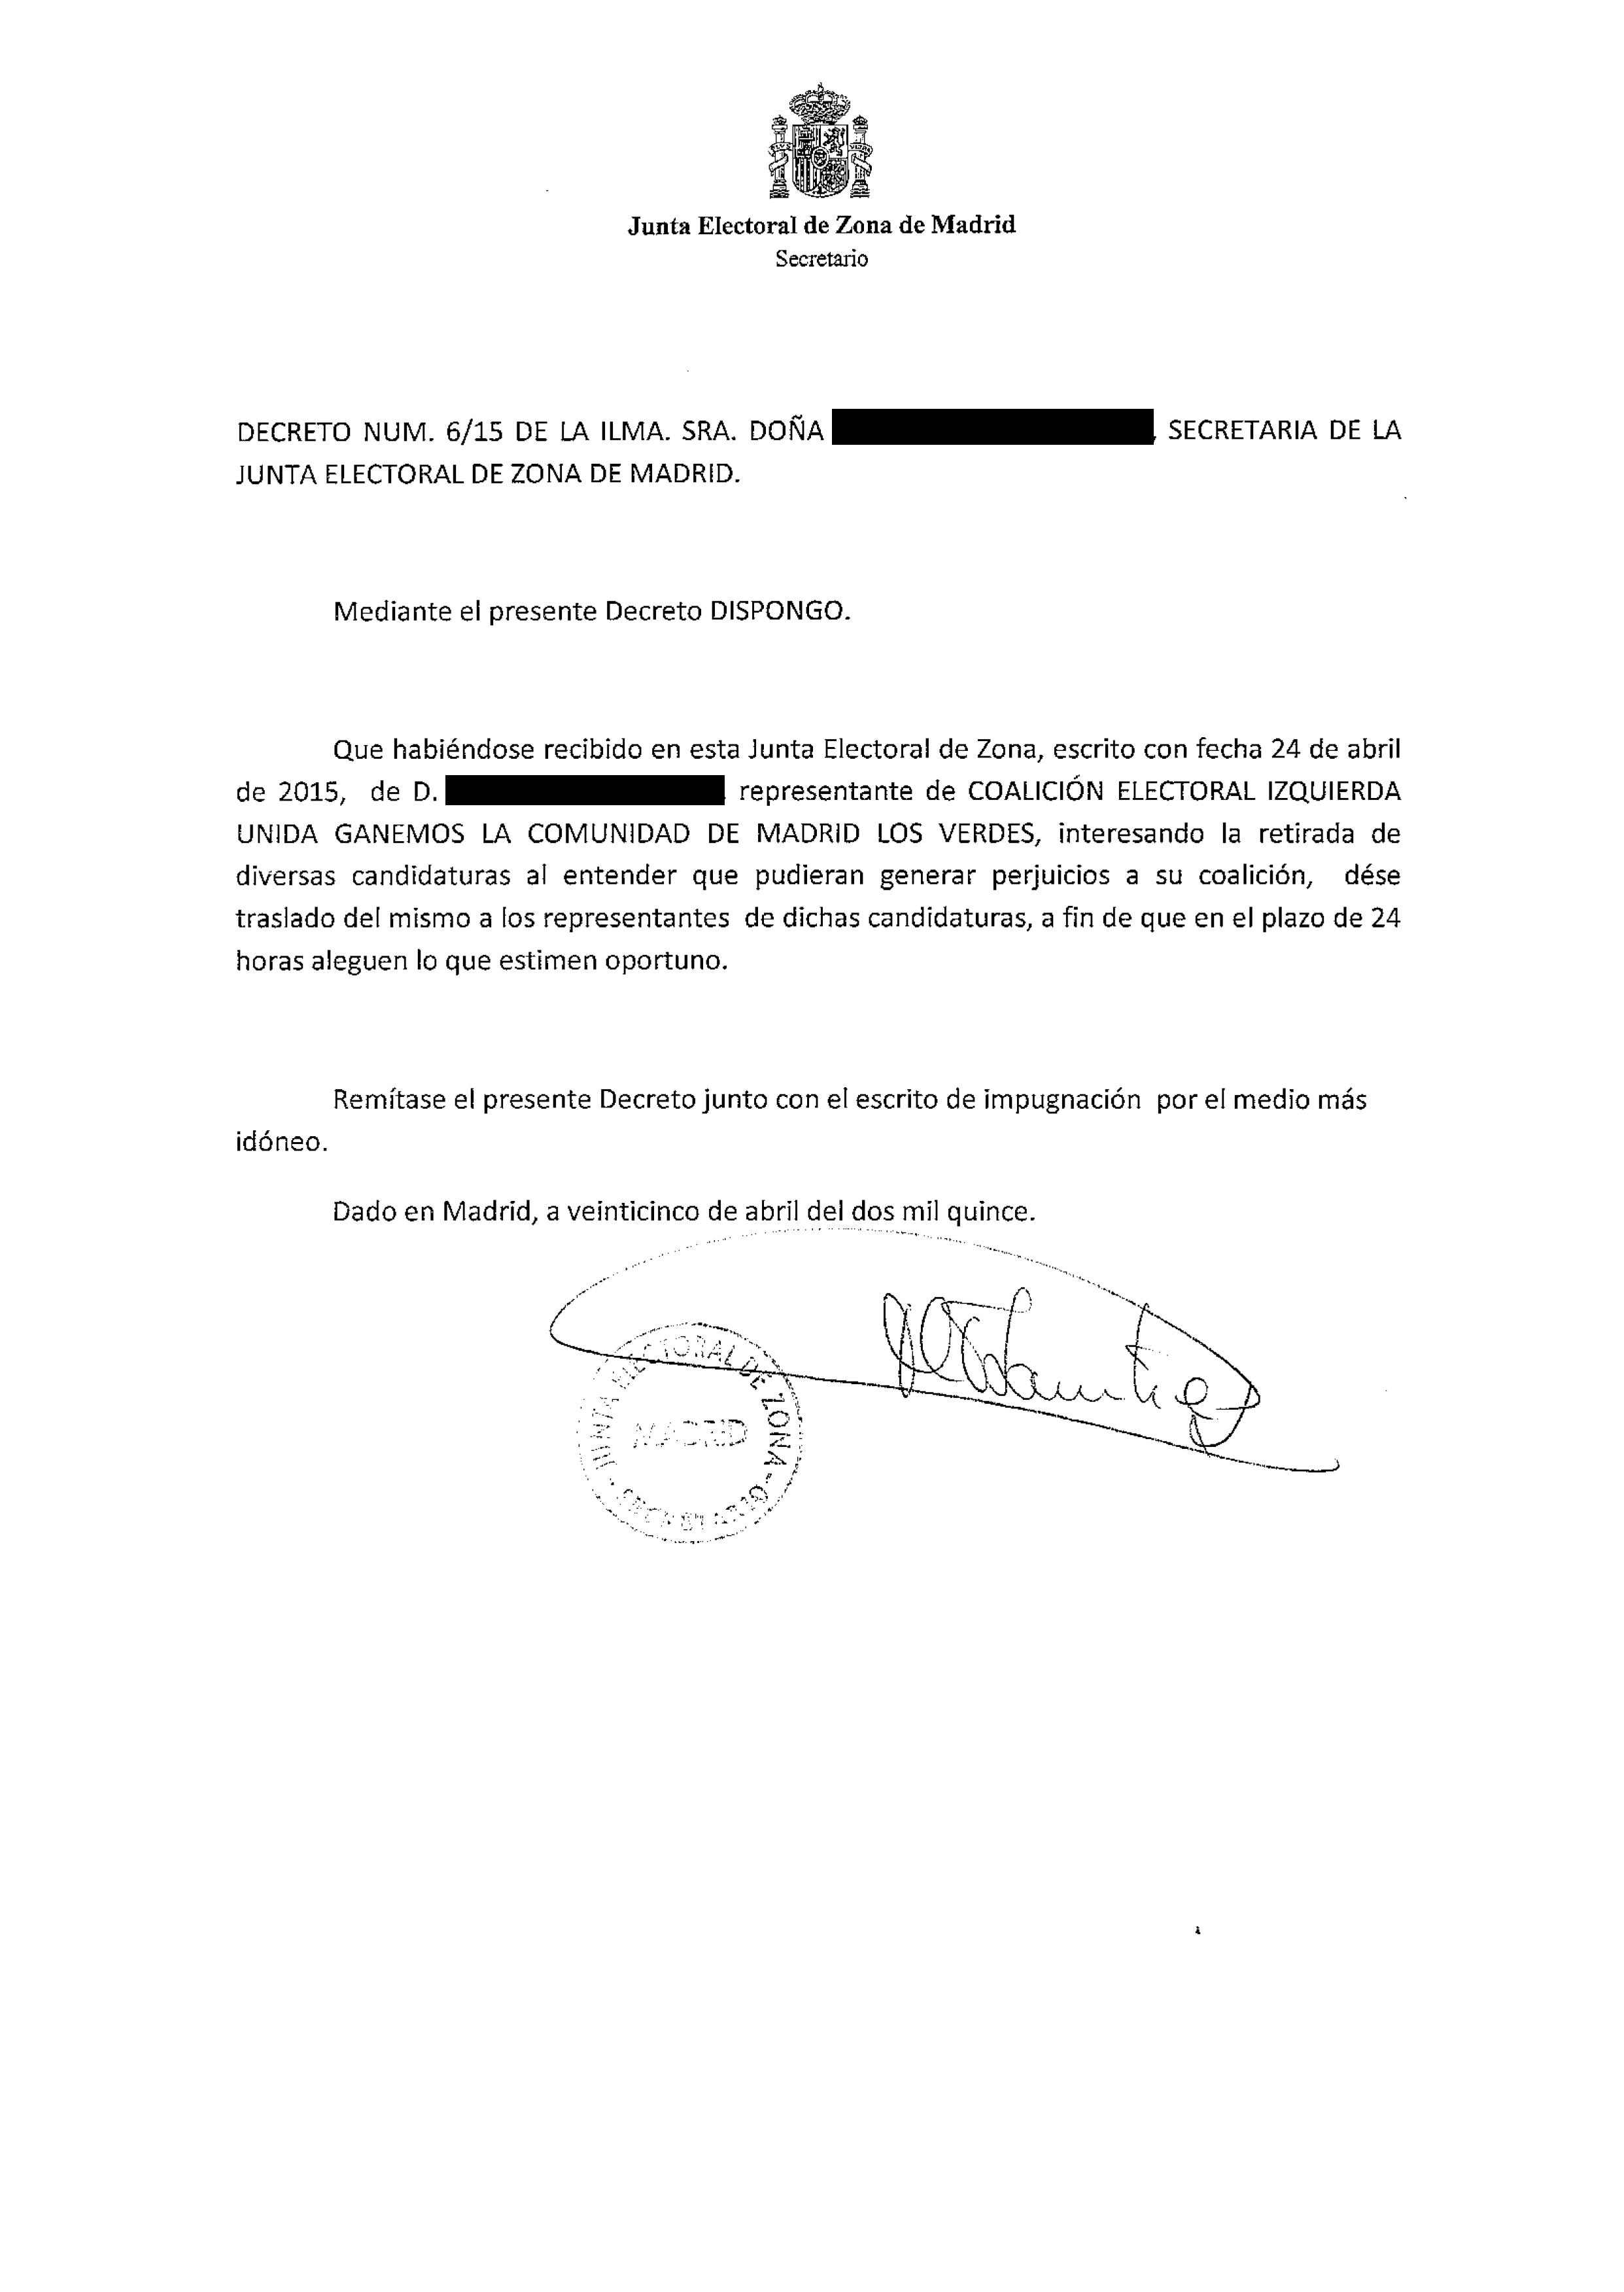 Decreto número 6 y escrito impugnación-1TACHADO